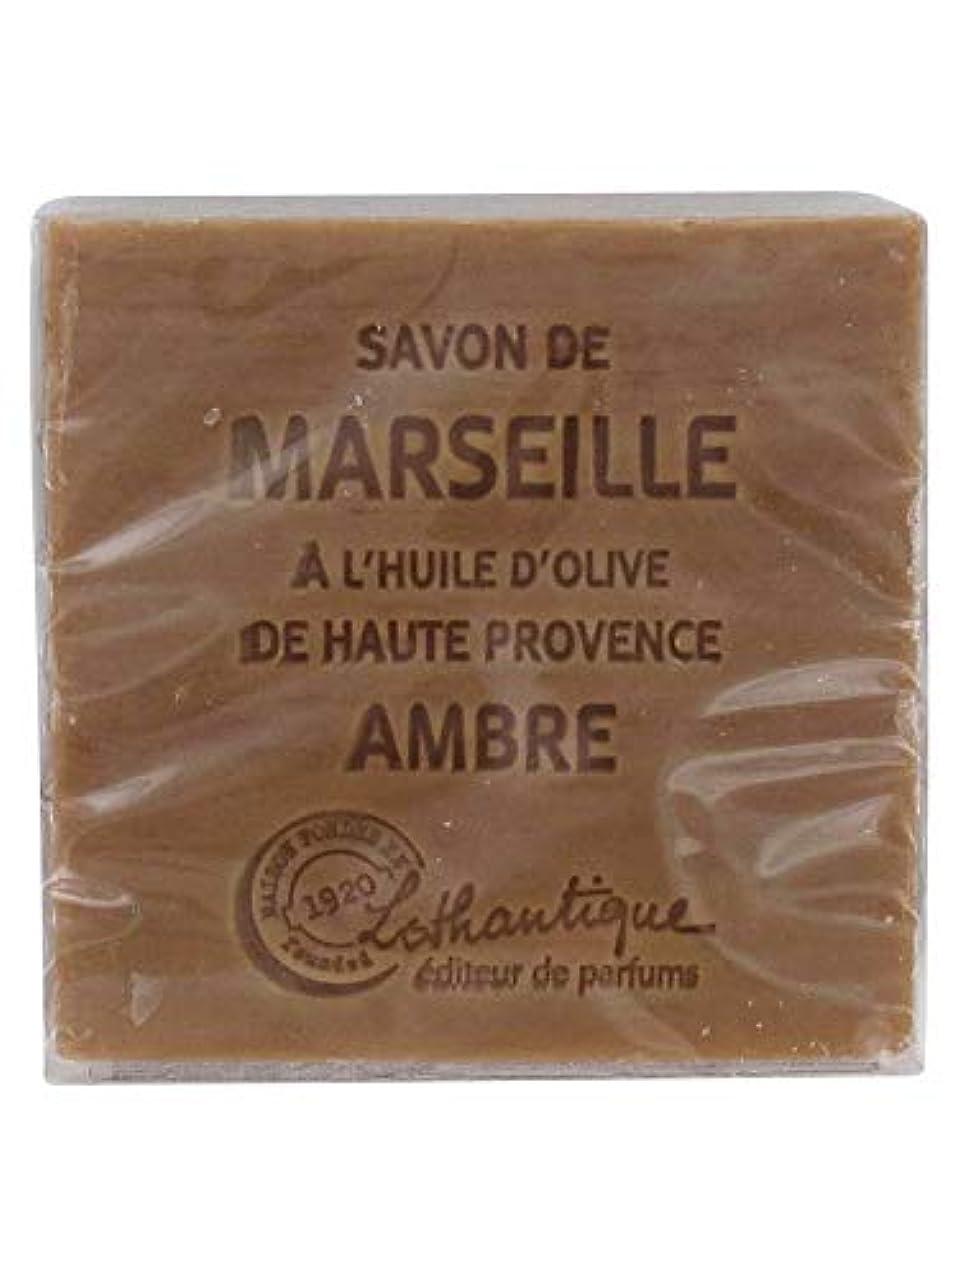 賭けステーキ公平なLothantique(ロタンティック) Les savons de Marseille(マルセイユソープ) マルセイユソープ 100g 「アンバー」 3420070038012